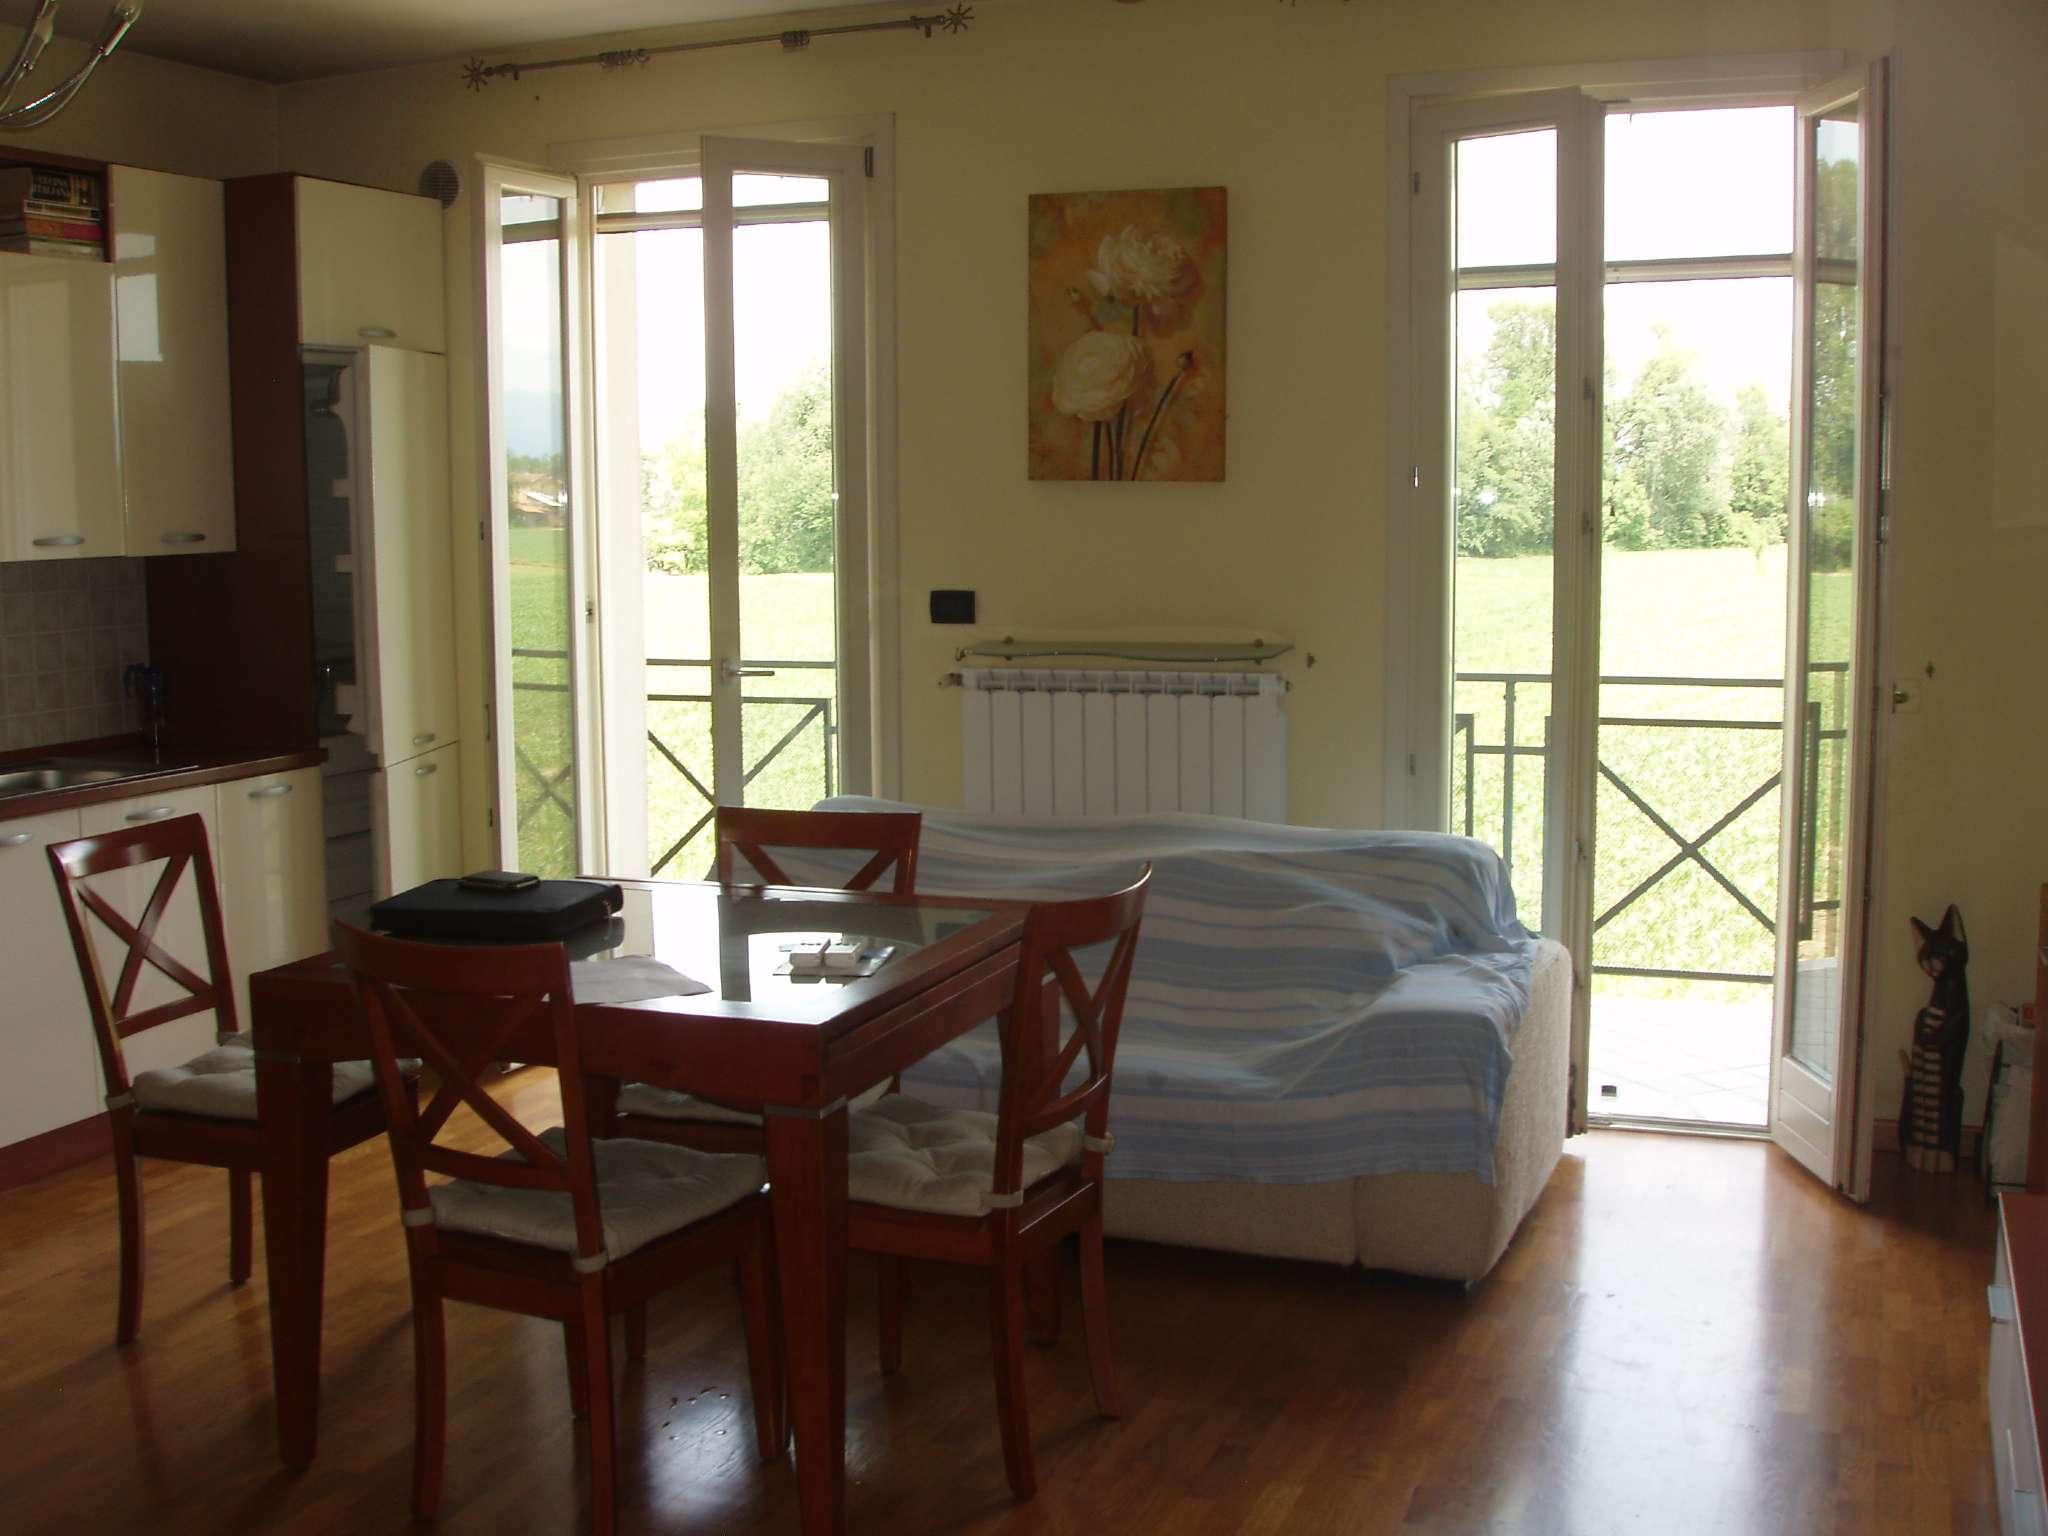 Appartamento in vendita a Capriano del Colle, 2 locali, prezzo € 103.000 | PortaleAgenzieImmobiliari.it